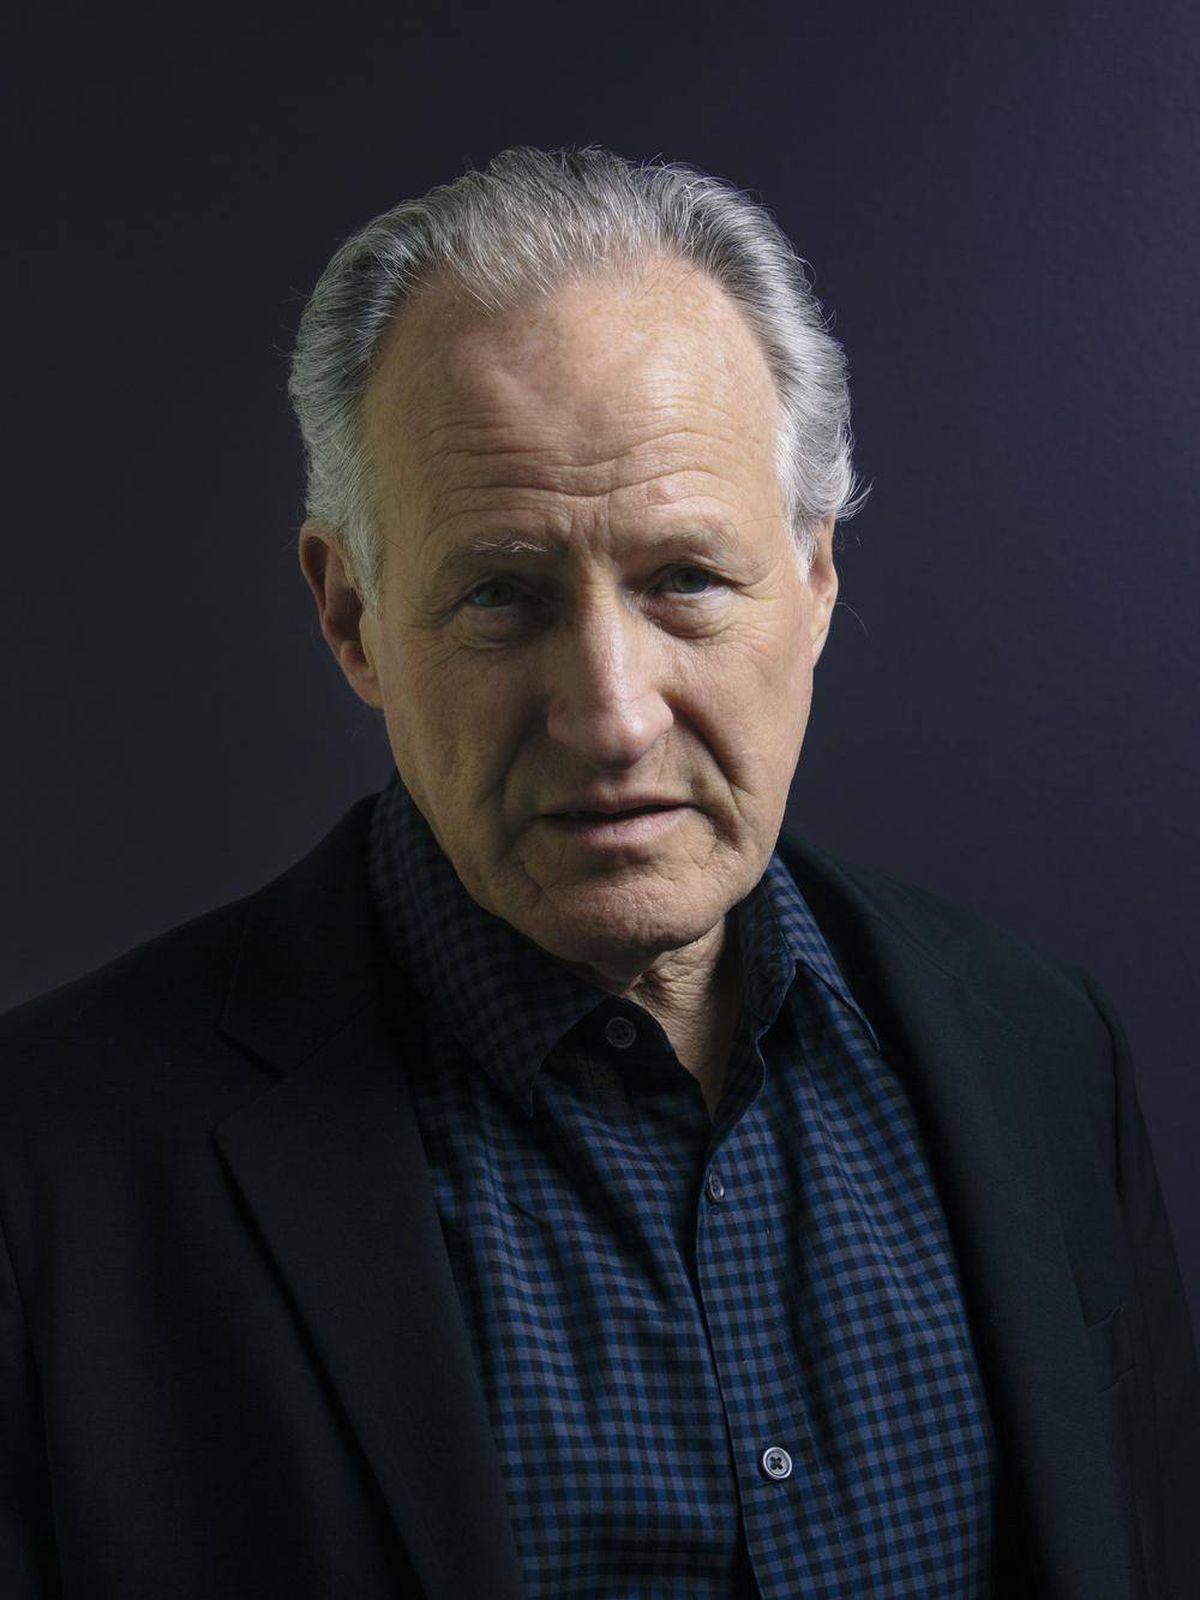 Michelmann